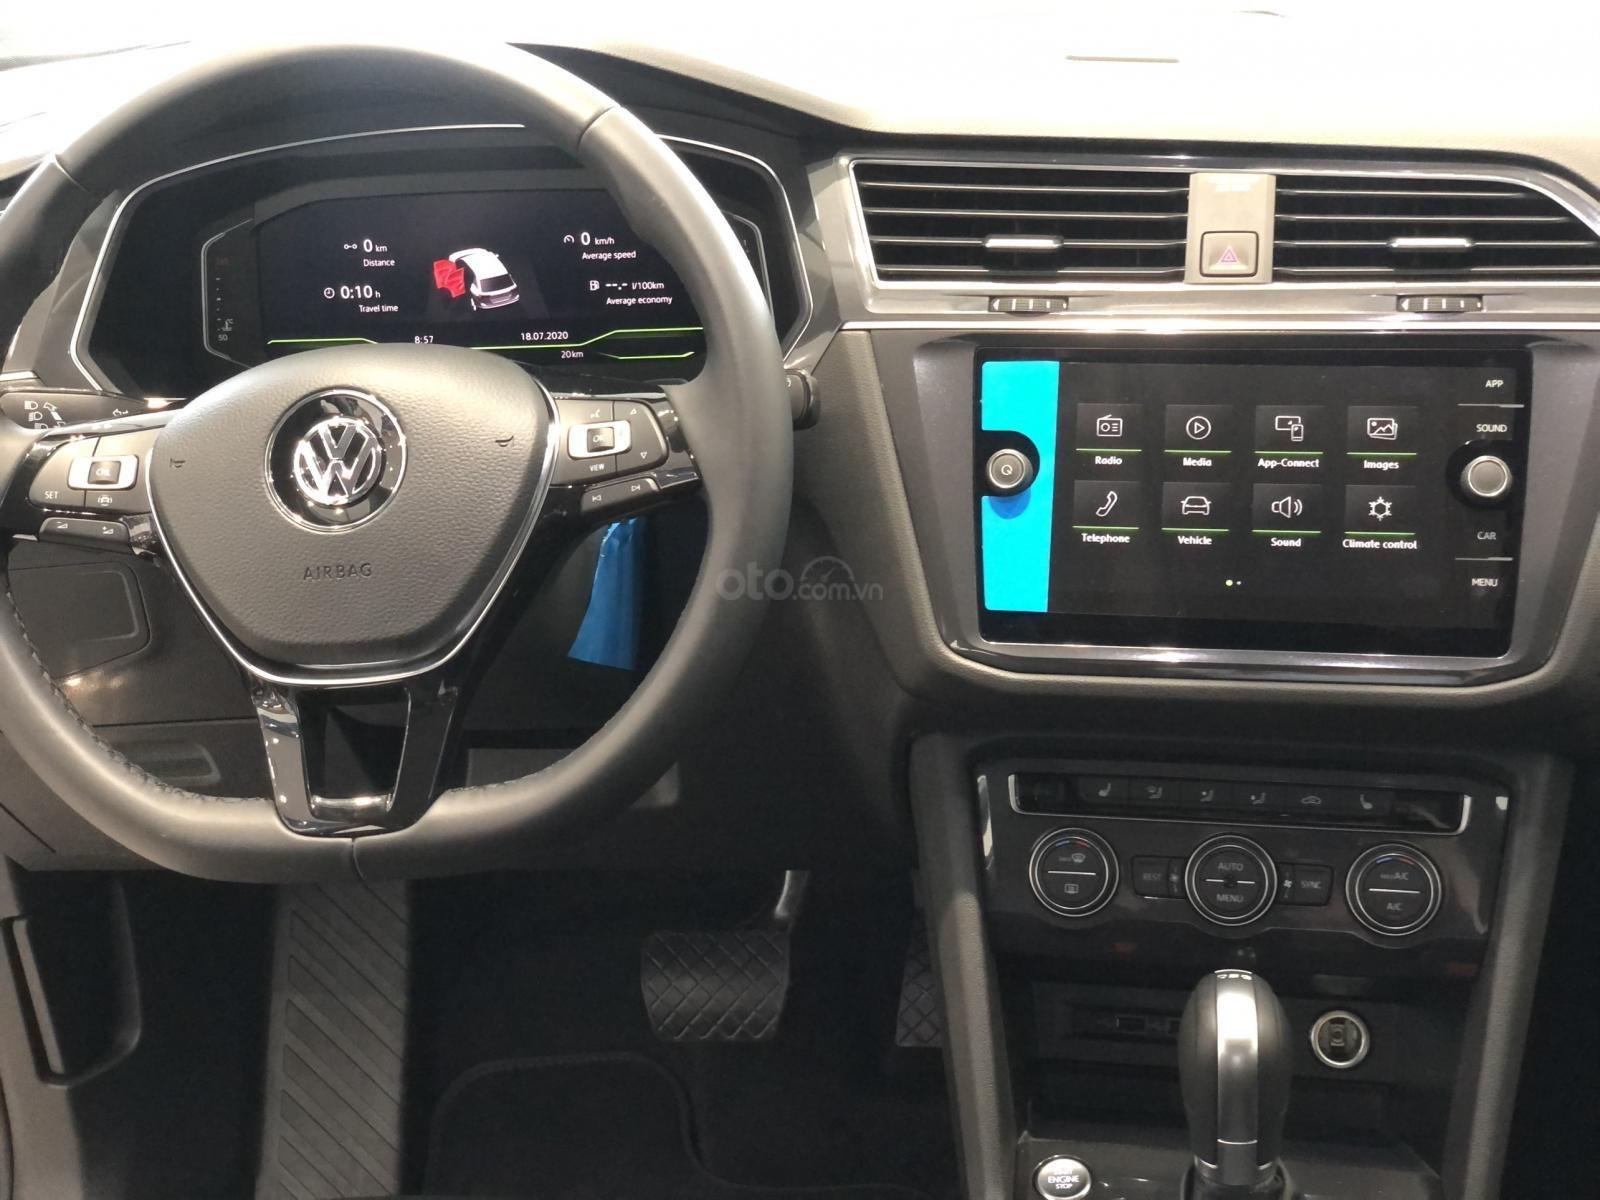 Tiguan Luxury S, 7 chỗ, ưu đãi trước bạ + tặng gói phụ kiện 40triệu - Giao xe ngay tận nhà, LH Ms Uyên để có giá tốt (4)